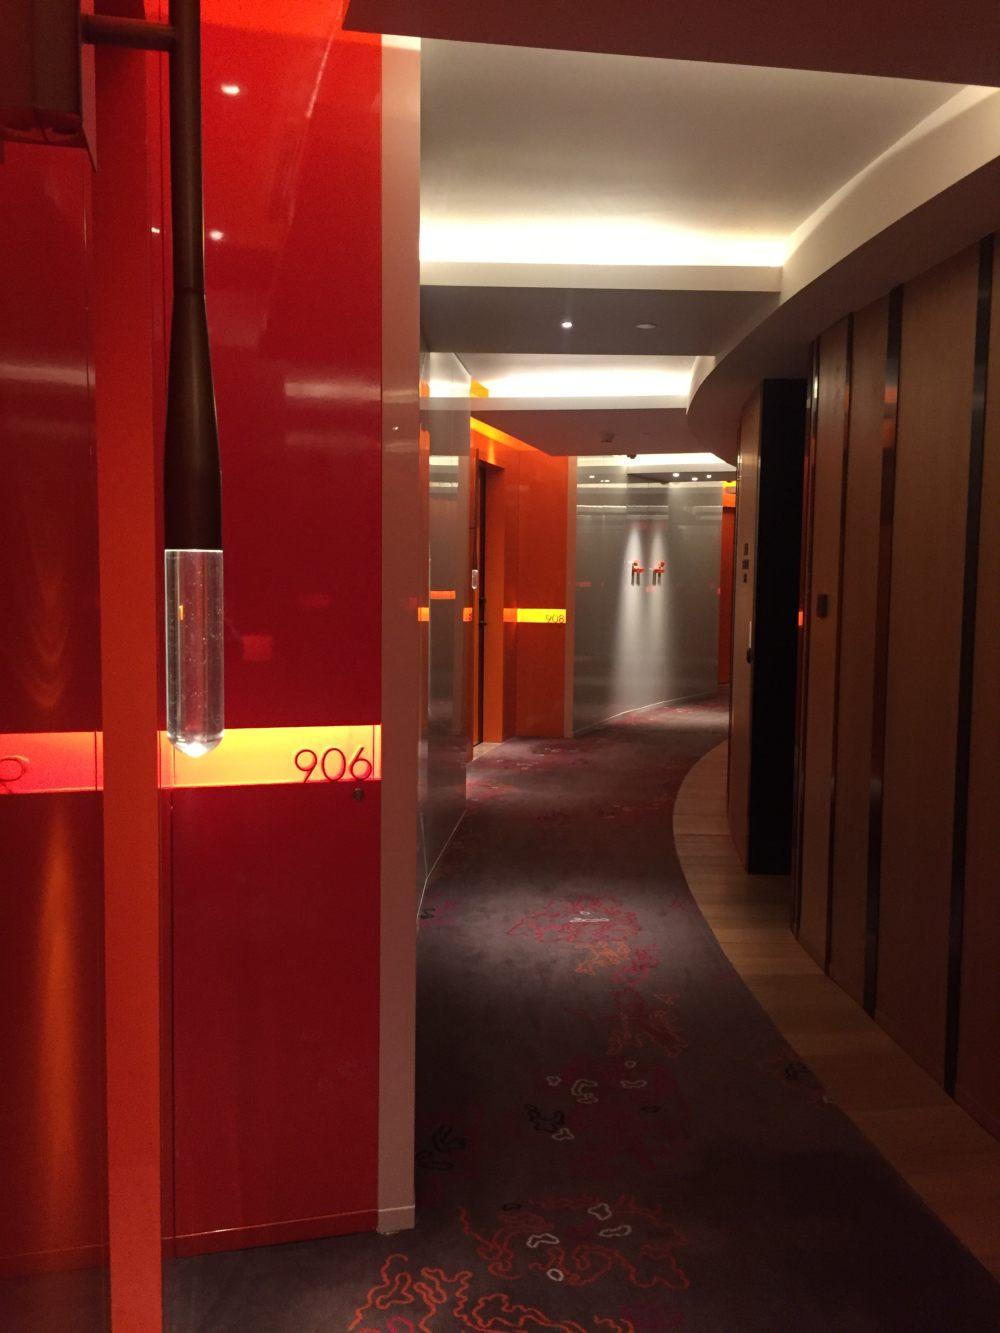 上海外滩W酒店,史上最全入住体验 自拍分享,申请置...._IMG_5850.JPG